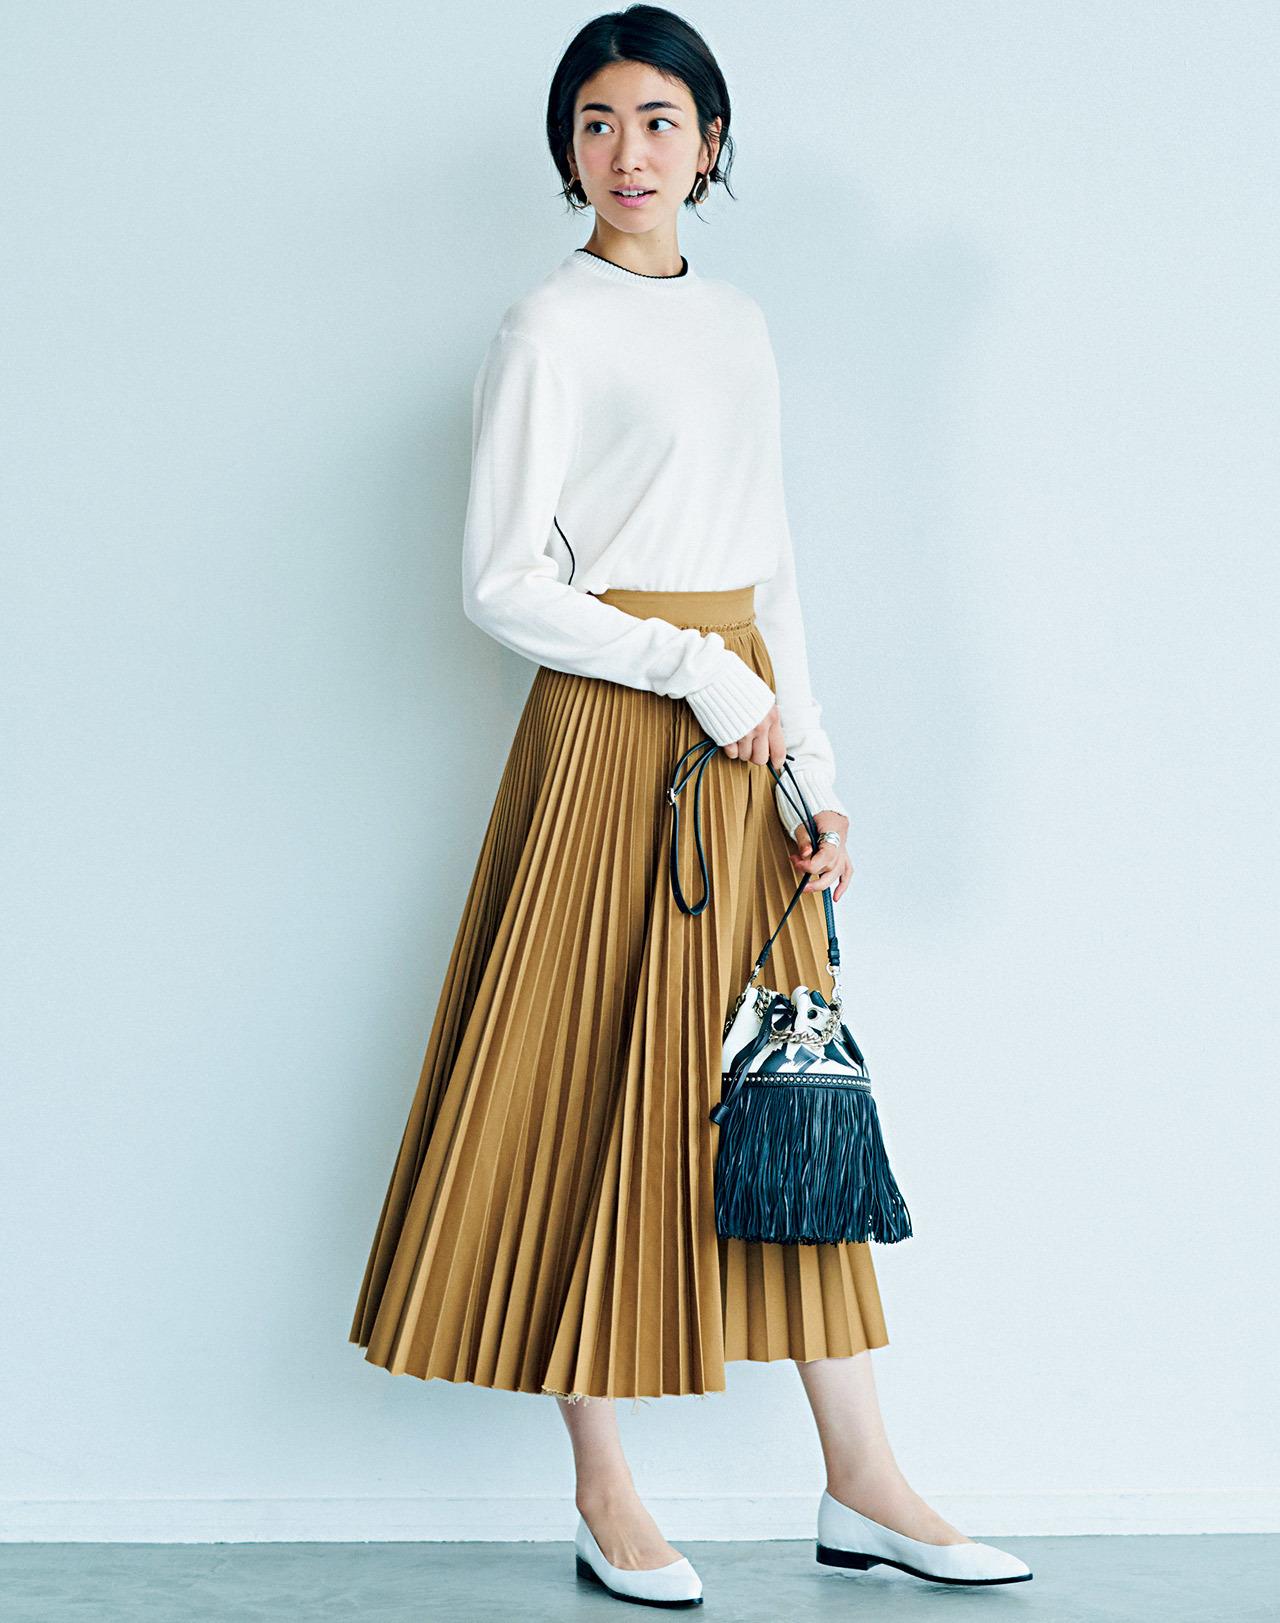 白ニット×ベージュのプリーツスカート×黒バッグコーデ